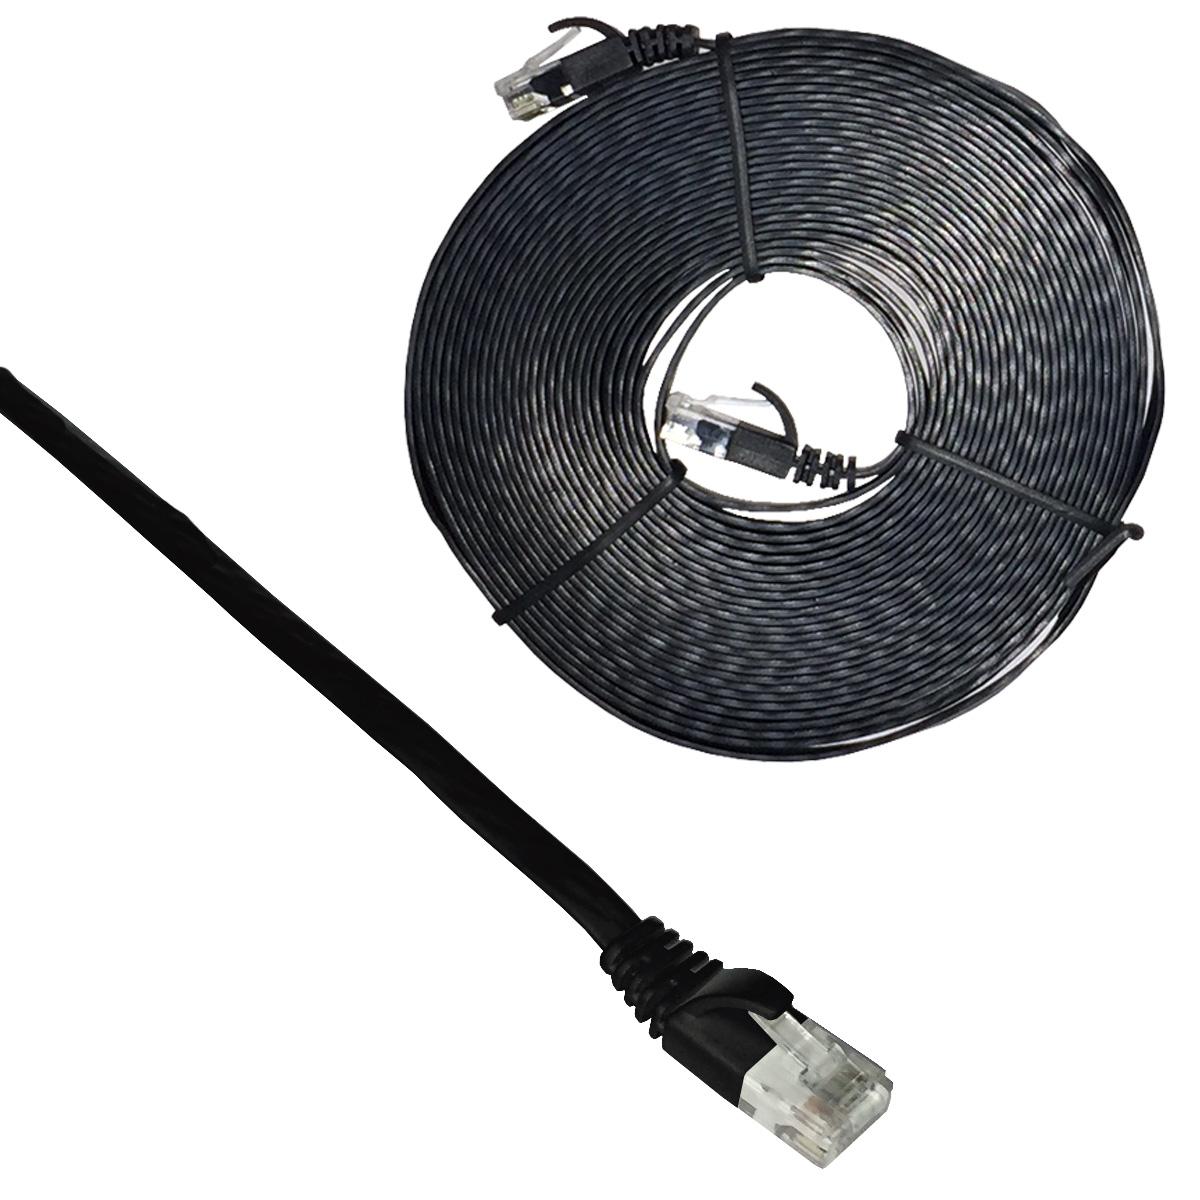 Flat Design Cat6 Ethernet Patch Cables Size Amp Color